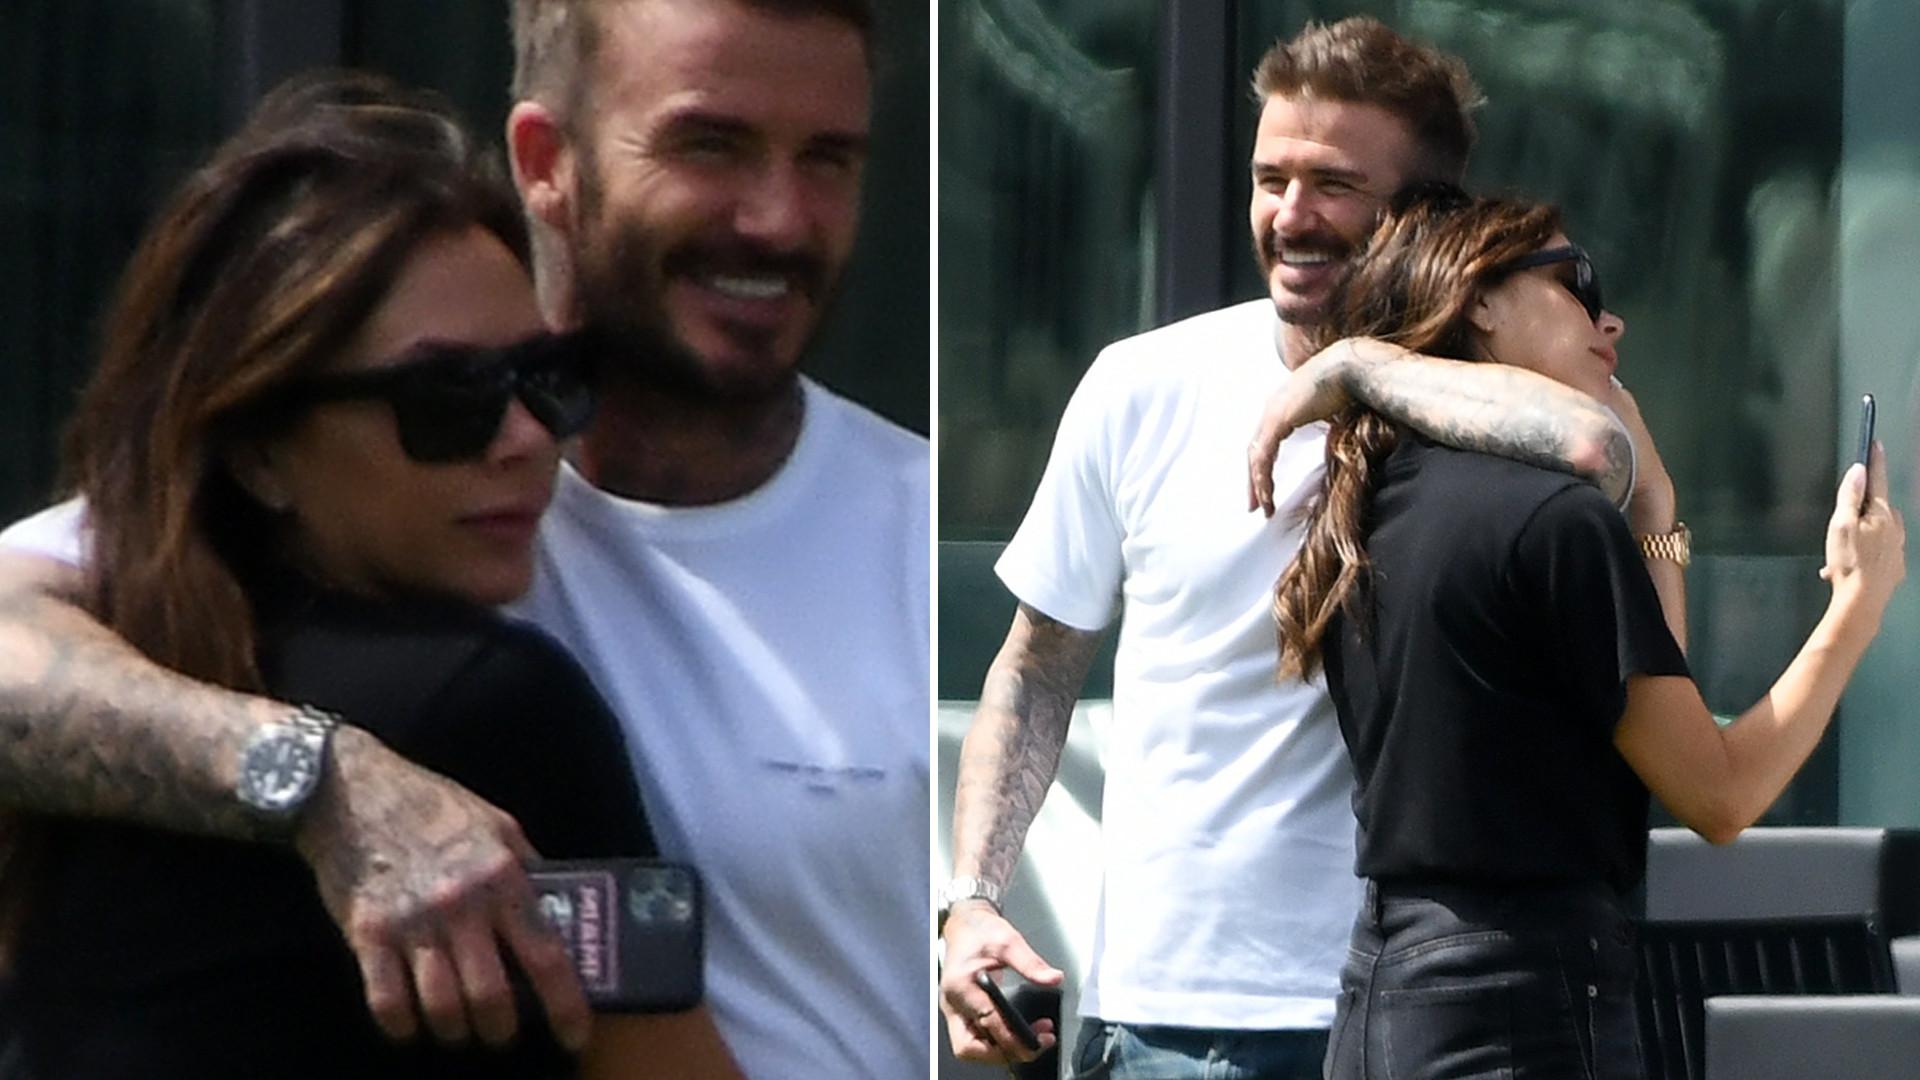 Victoria i David Beckhamowie tulą się do siebie podczas meczu (ZDJĘCIA)